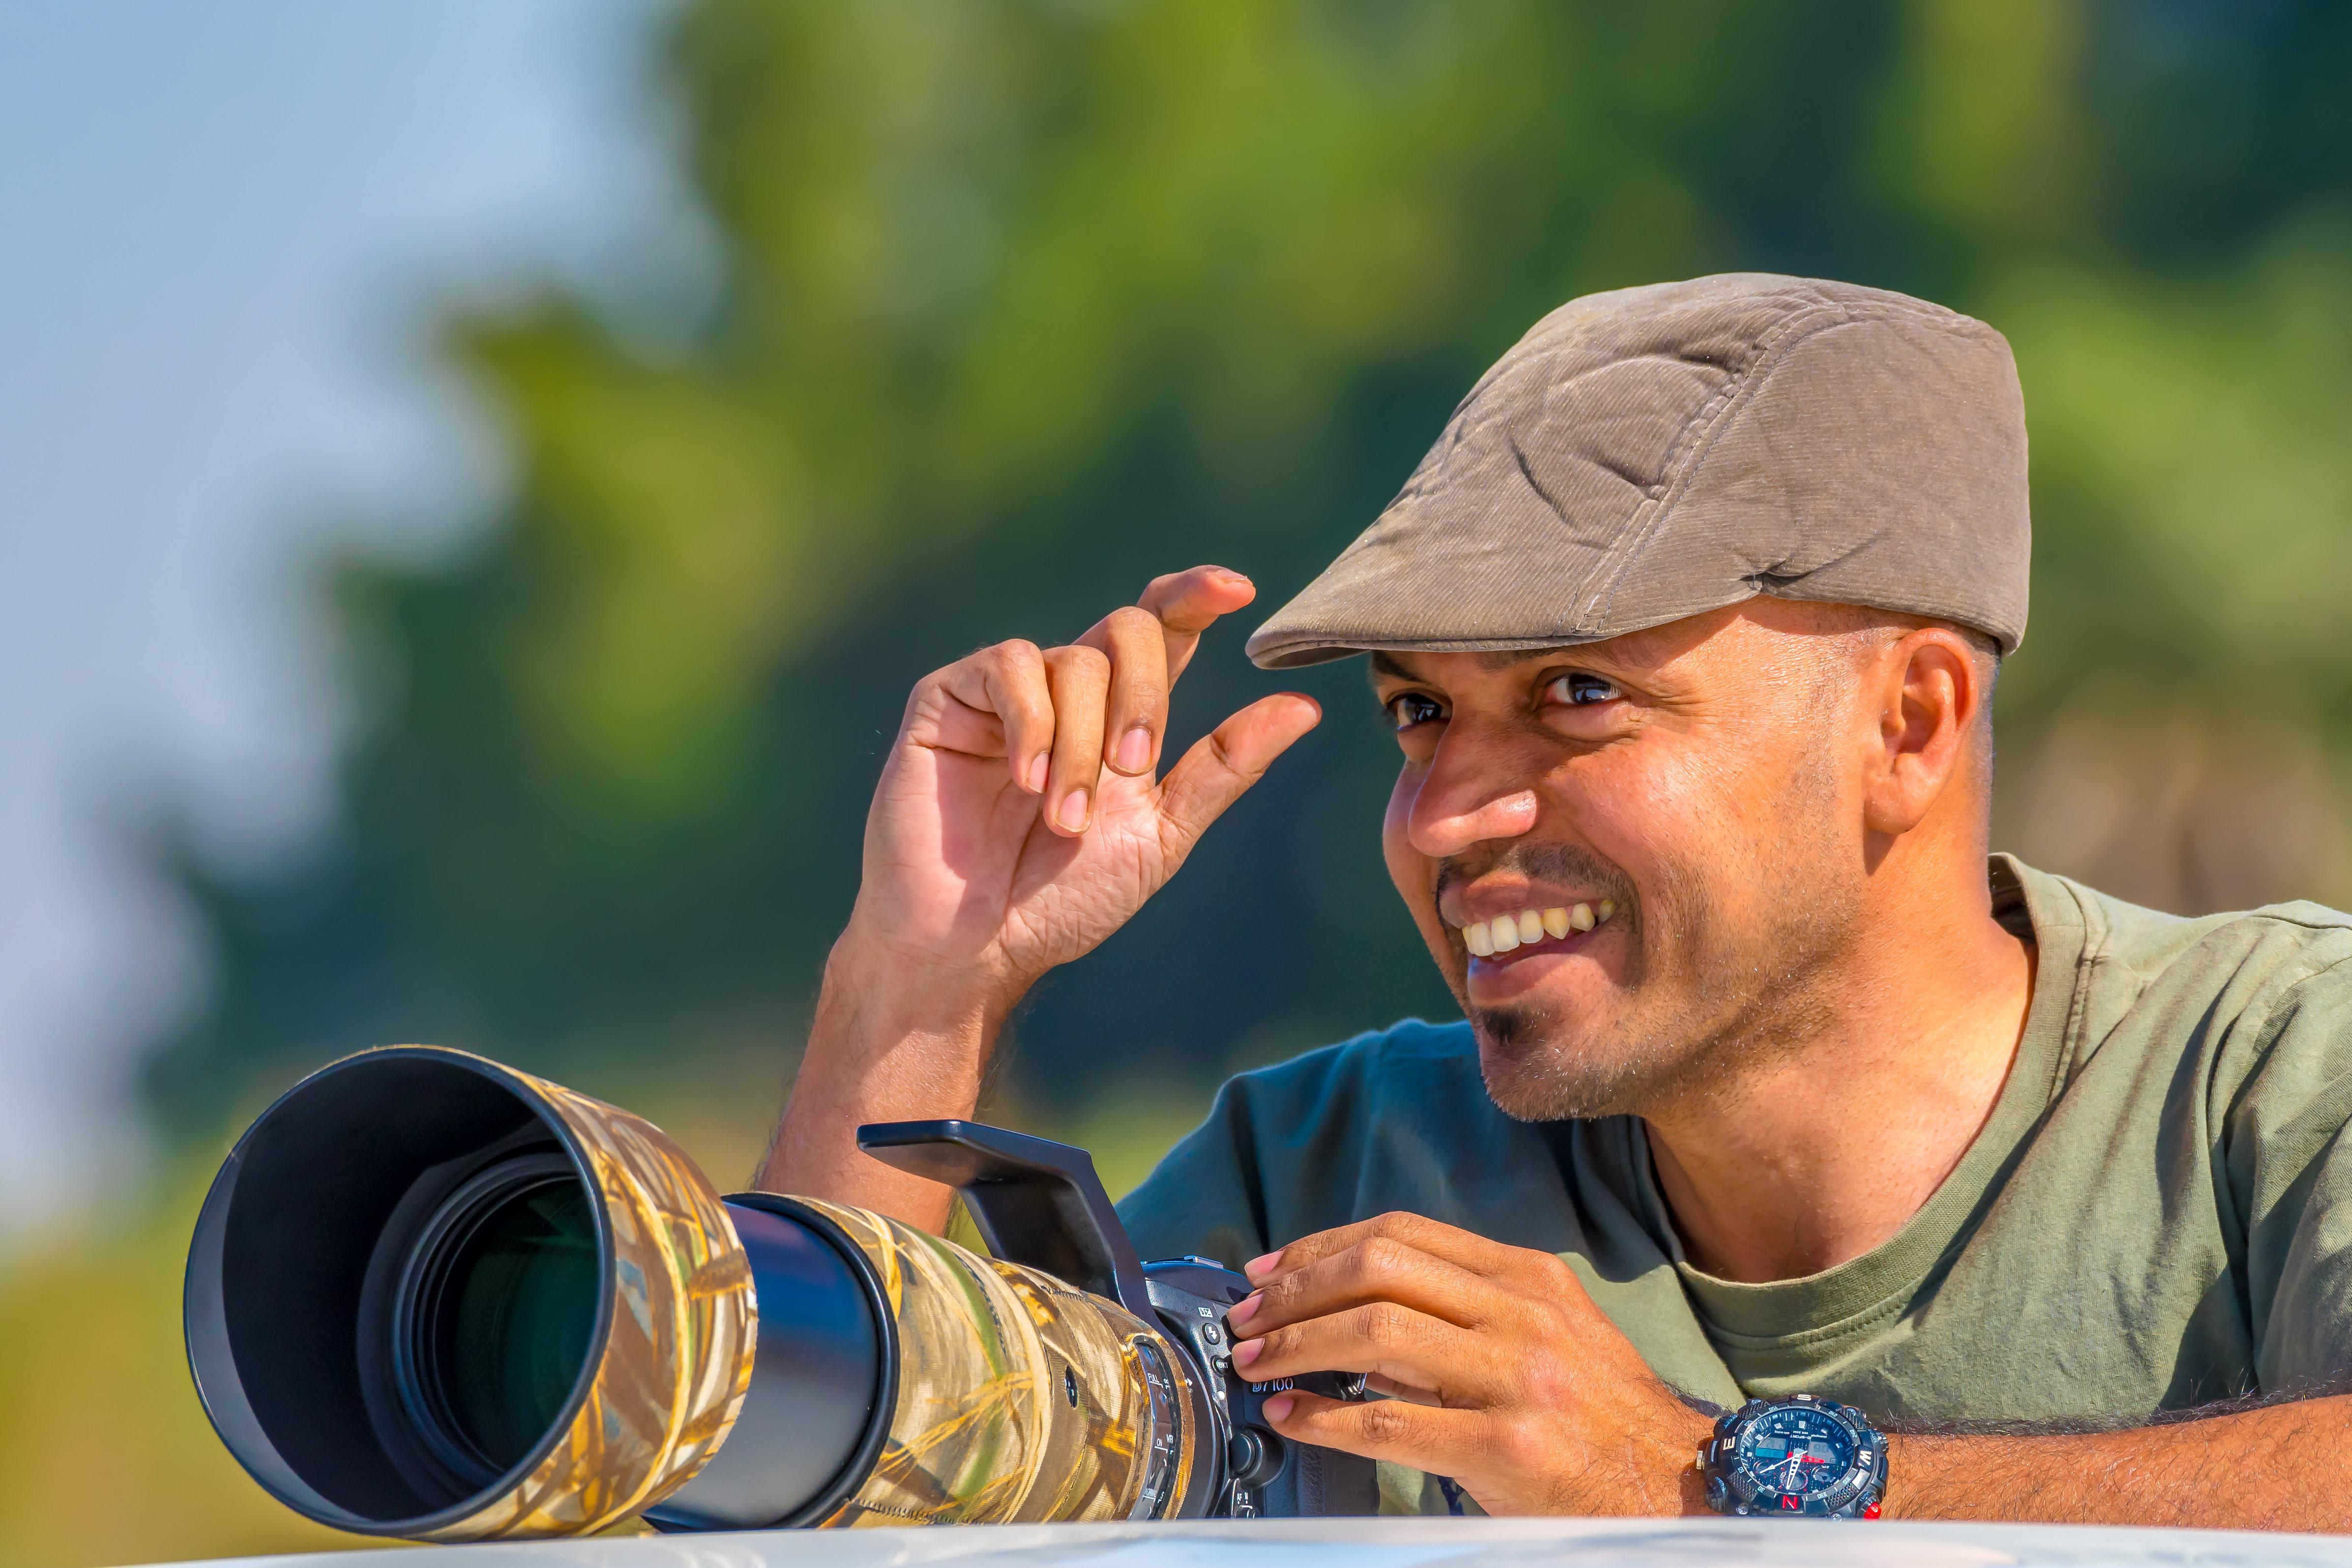 Photographer Kaushik Vijayan. Credit: SWNS